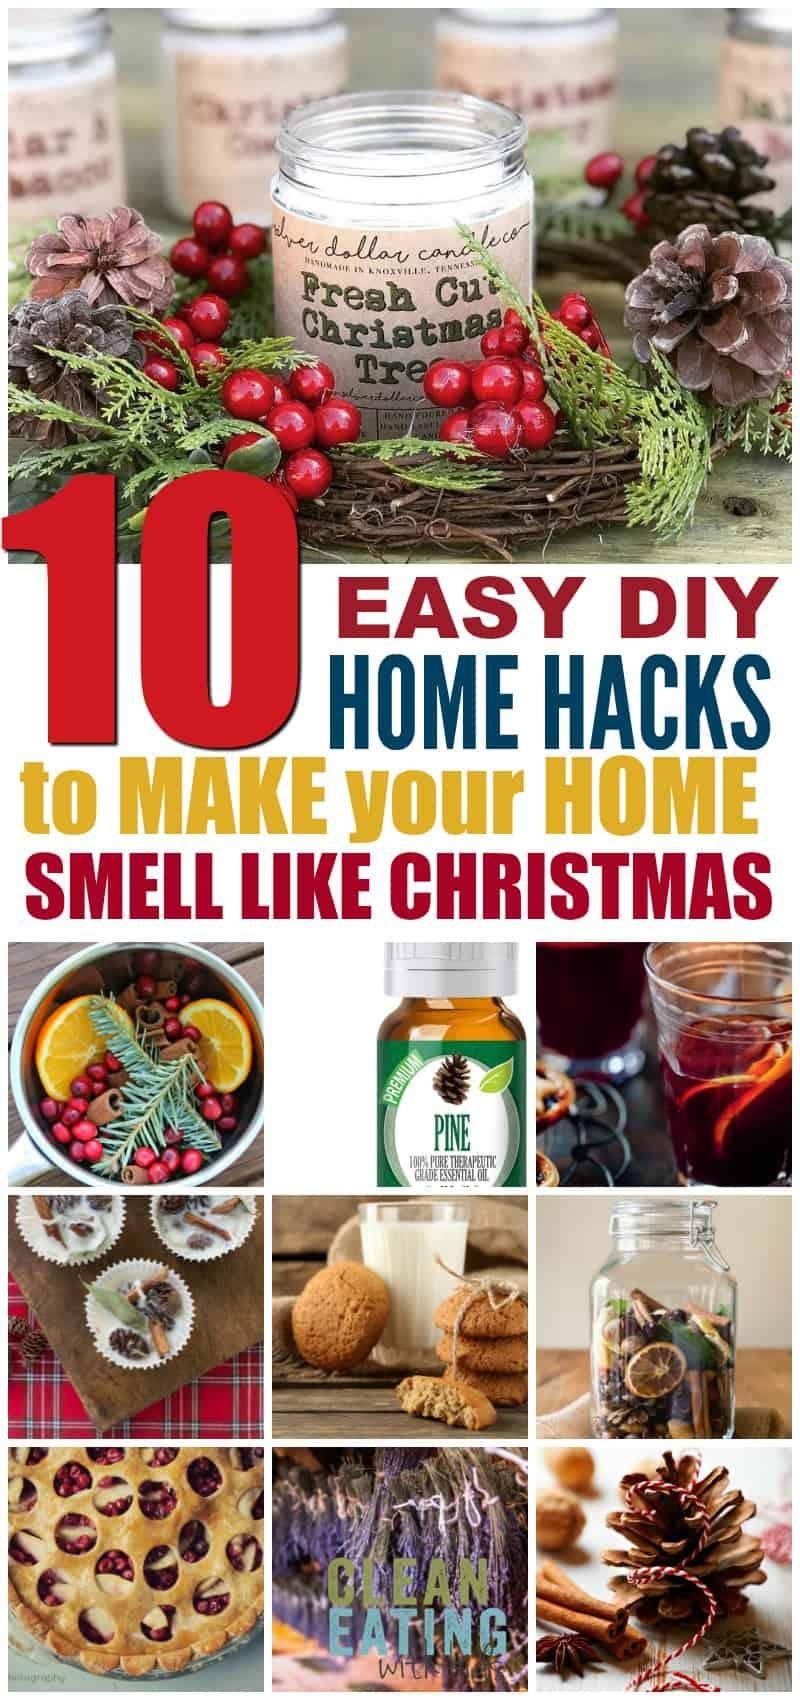 DIY Christmas Scent - How to Make your home smell like Christmas